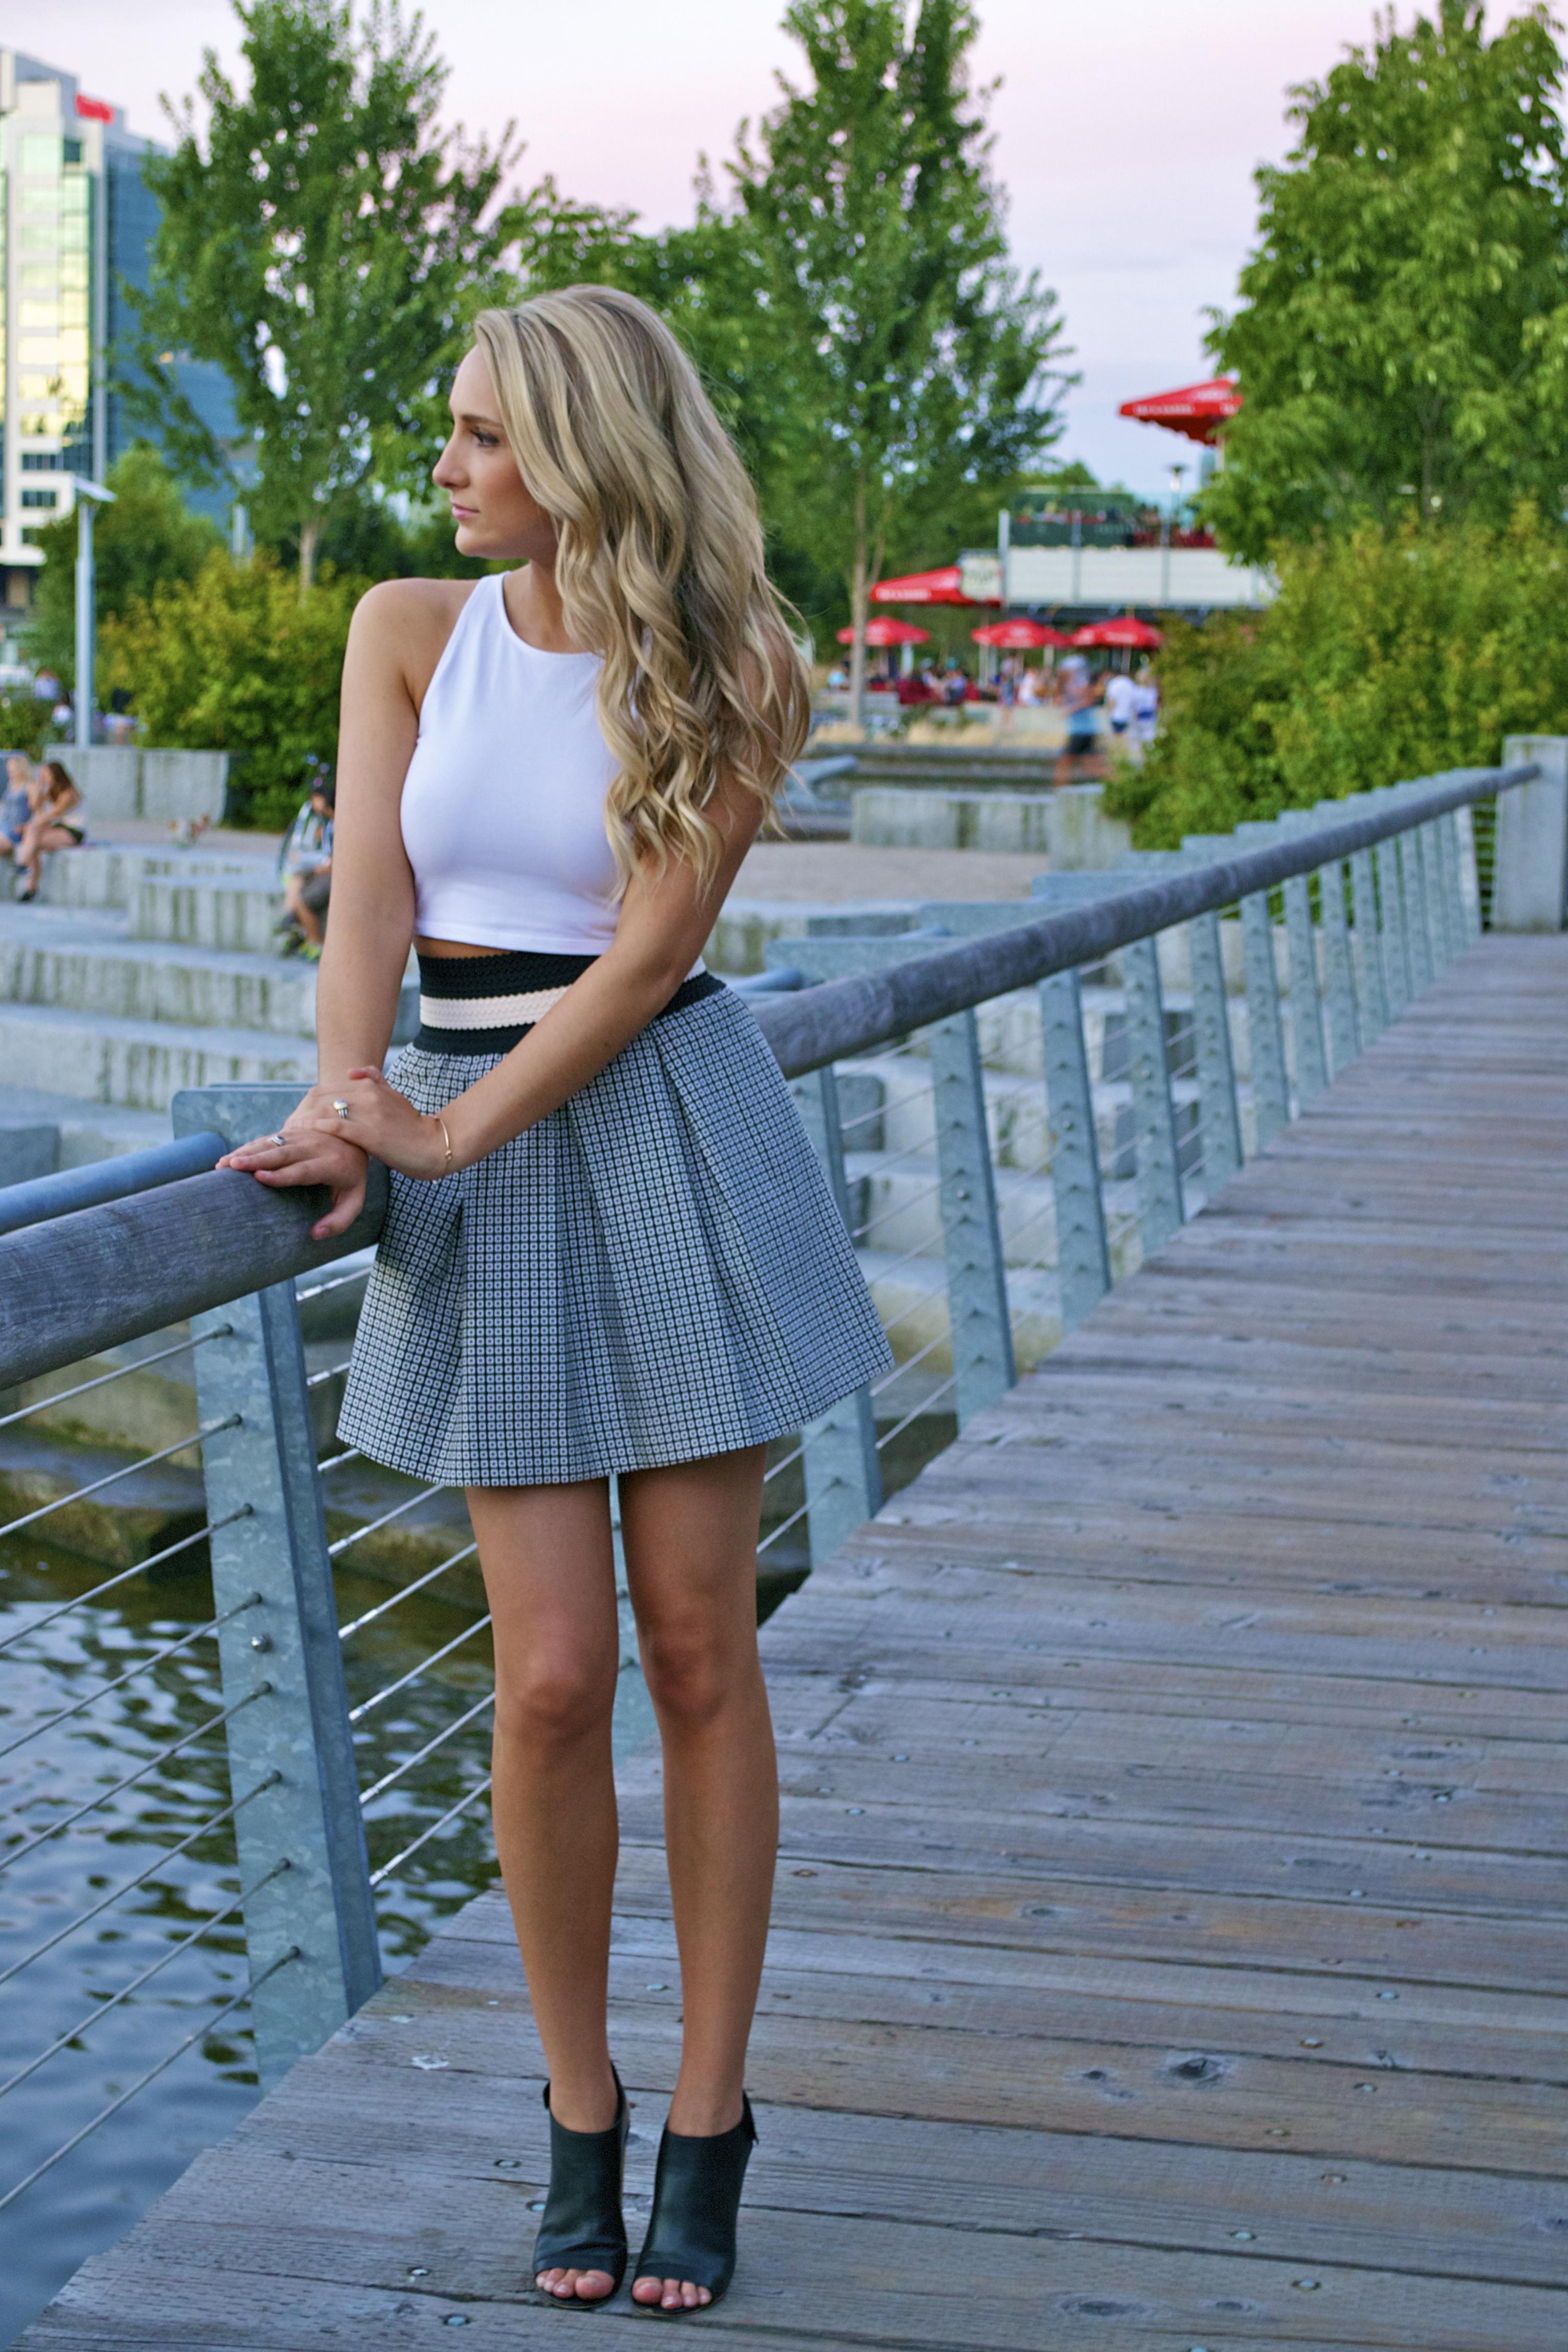 Long Legs Short Skirt Photo Album - Reikian